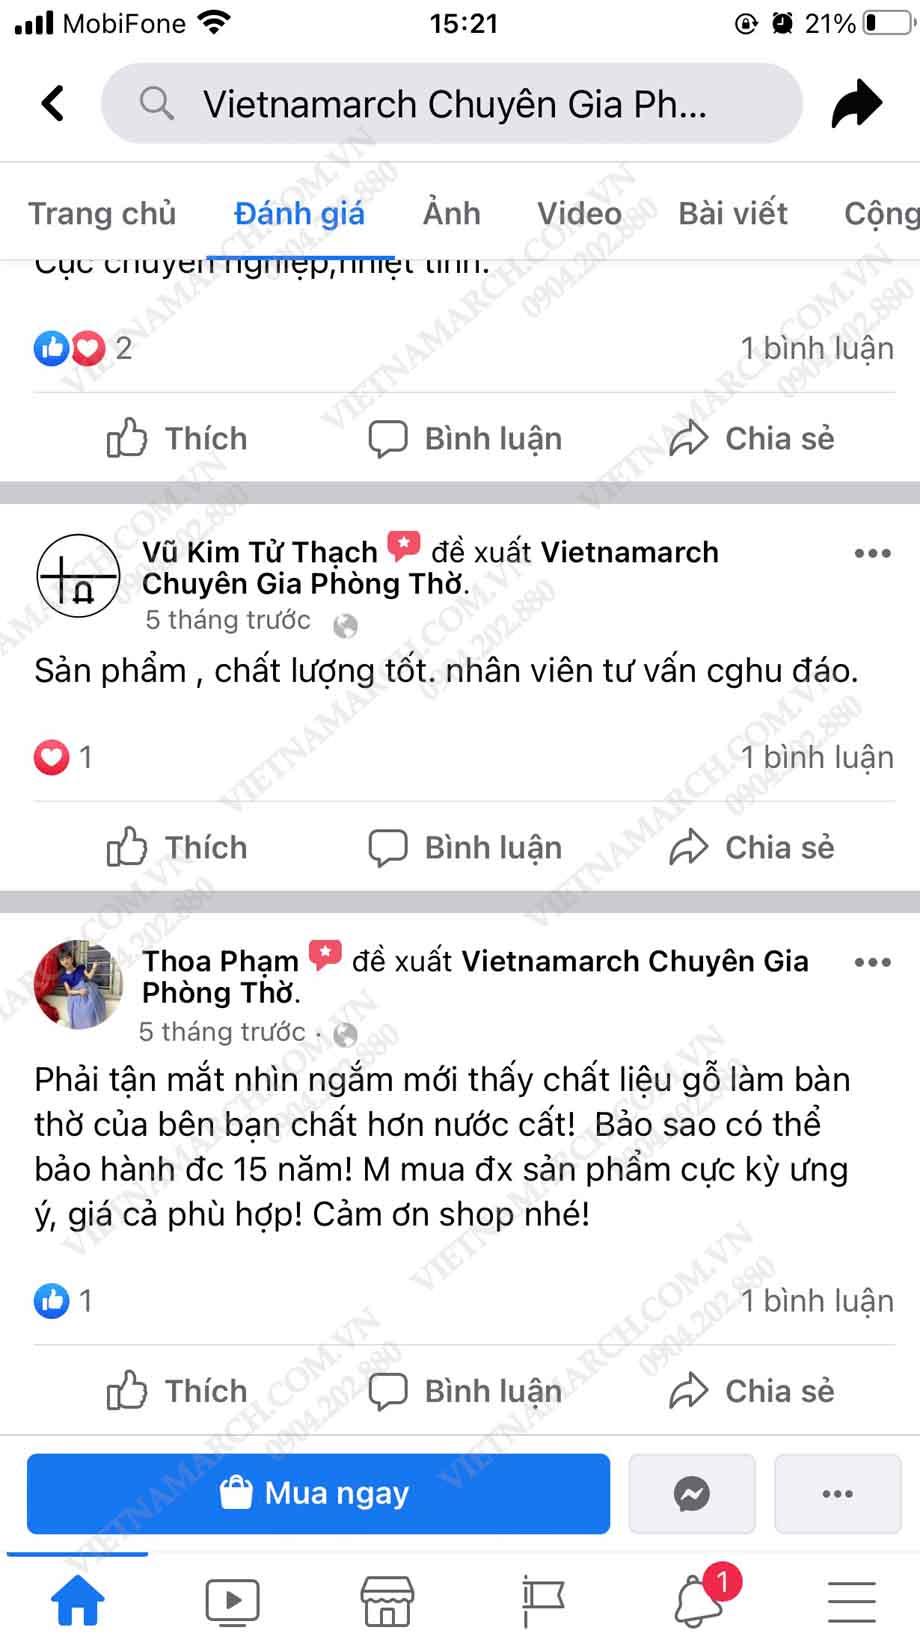 Những đề xuất của khách hàng đối với bàn thờ Vietnamarch